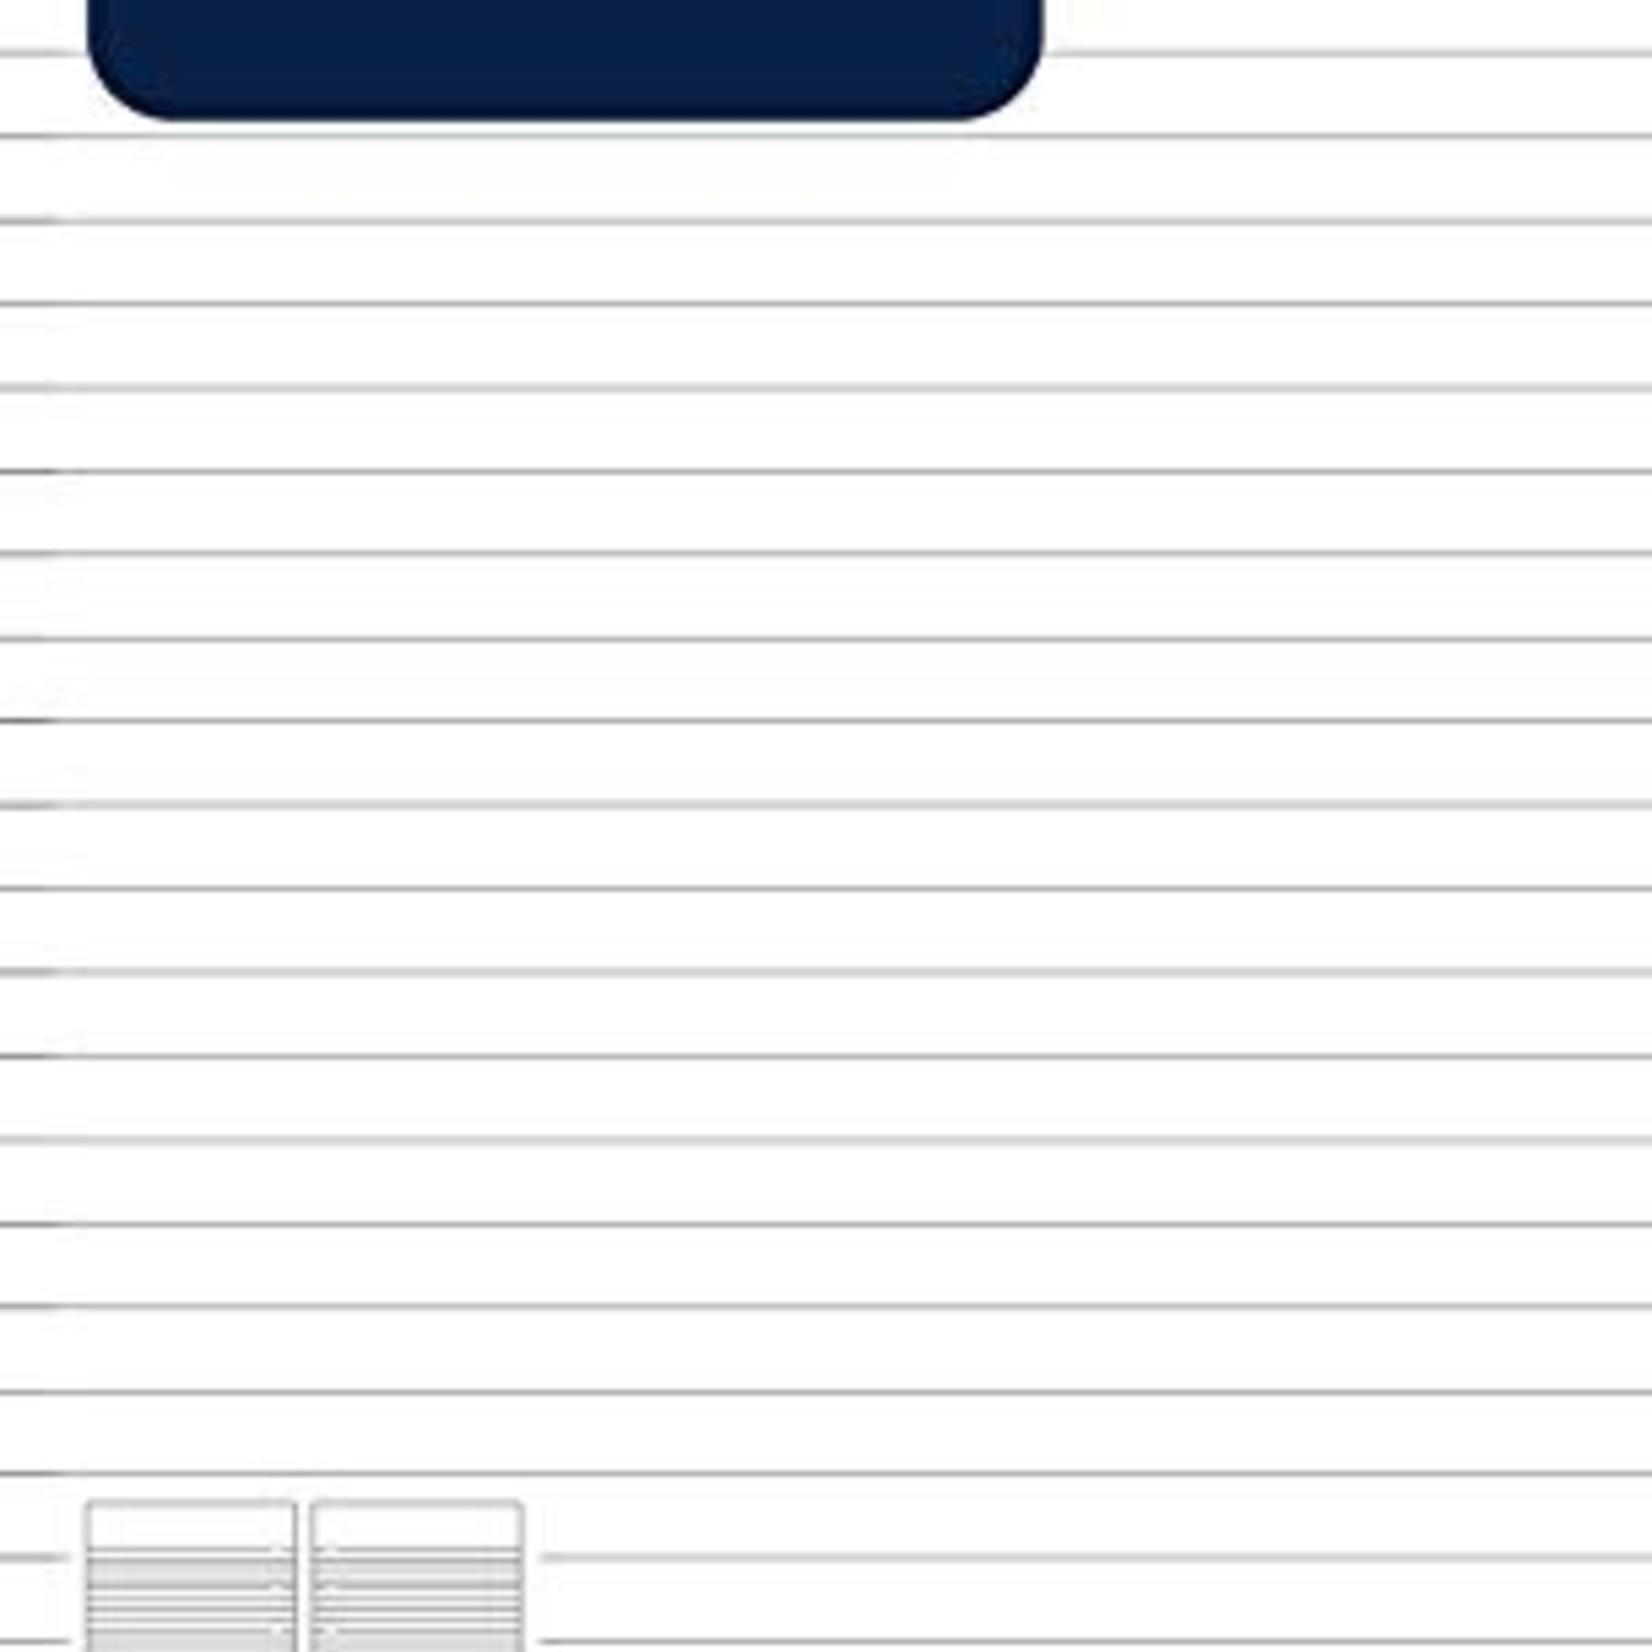 Filofax Filofax Einlage Personal, Papier liniert, 100 Bl., weiß